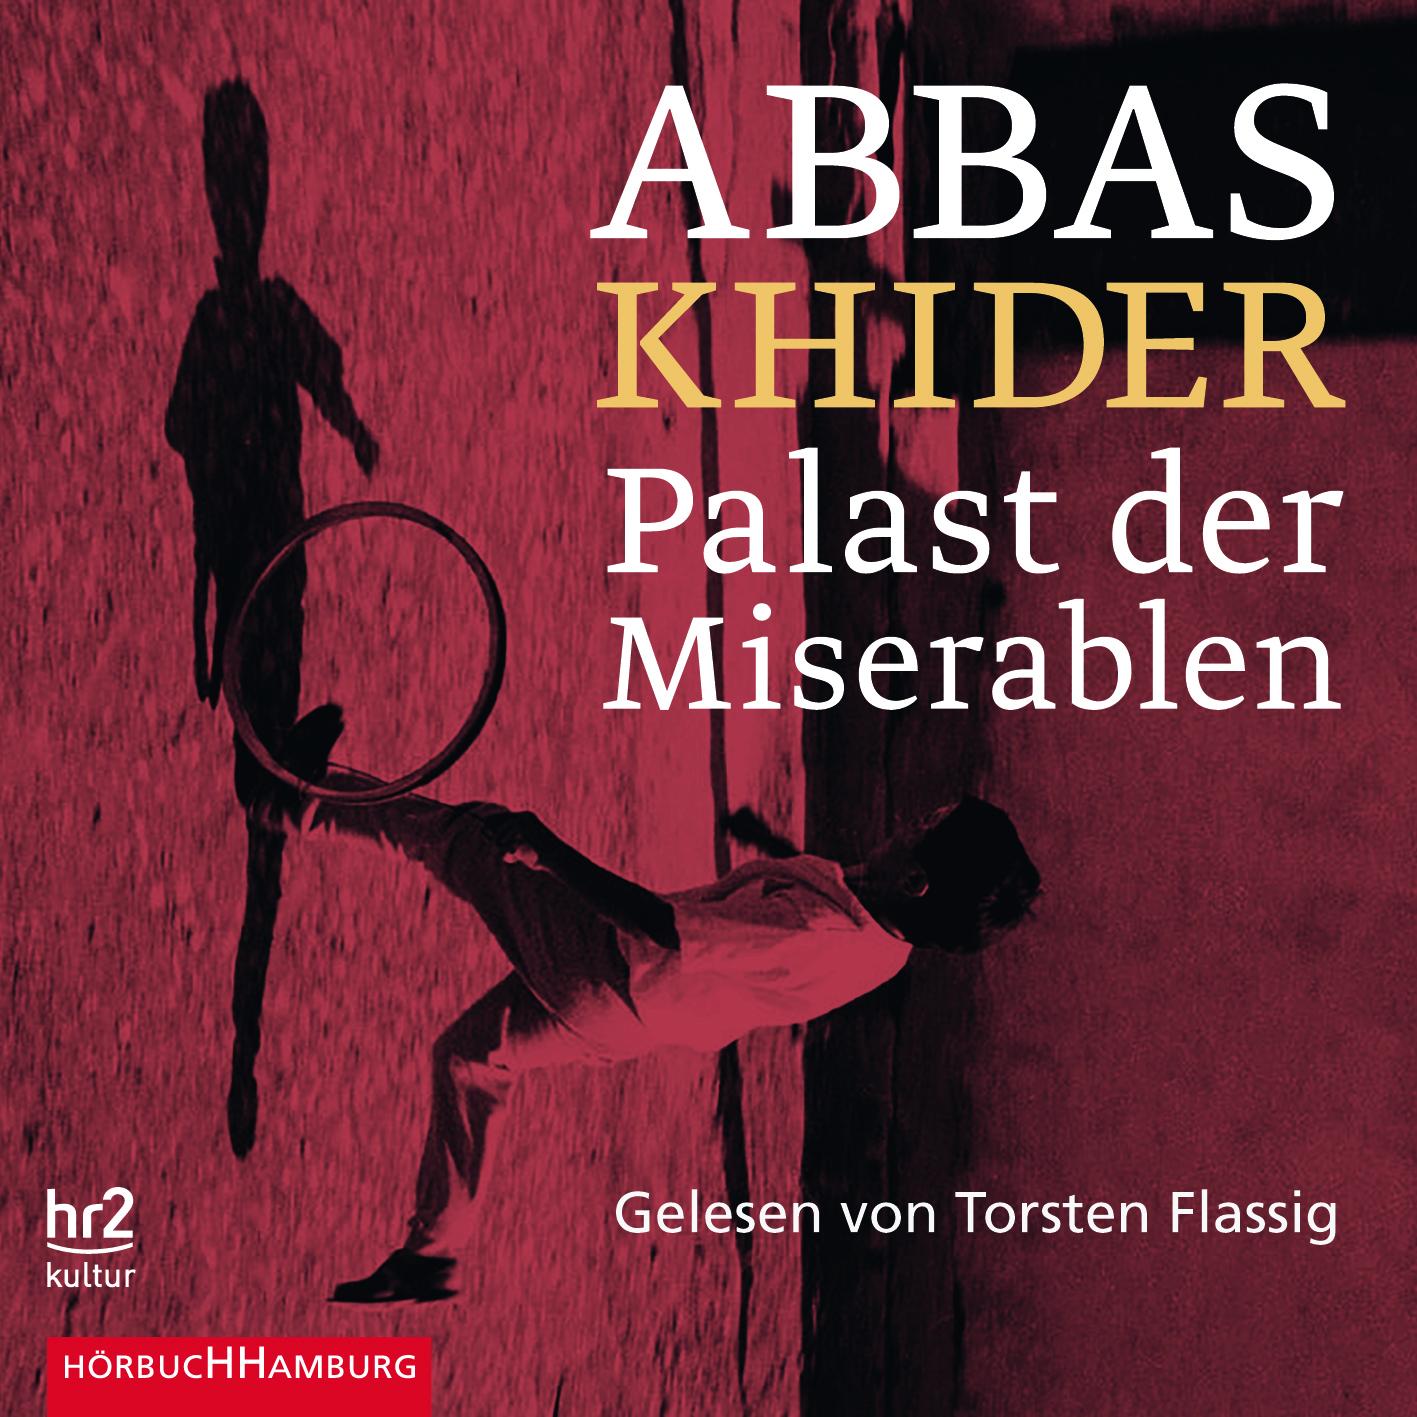 Cover für das Palast der Miserablen Hörbuch